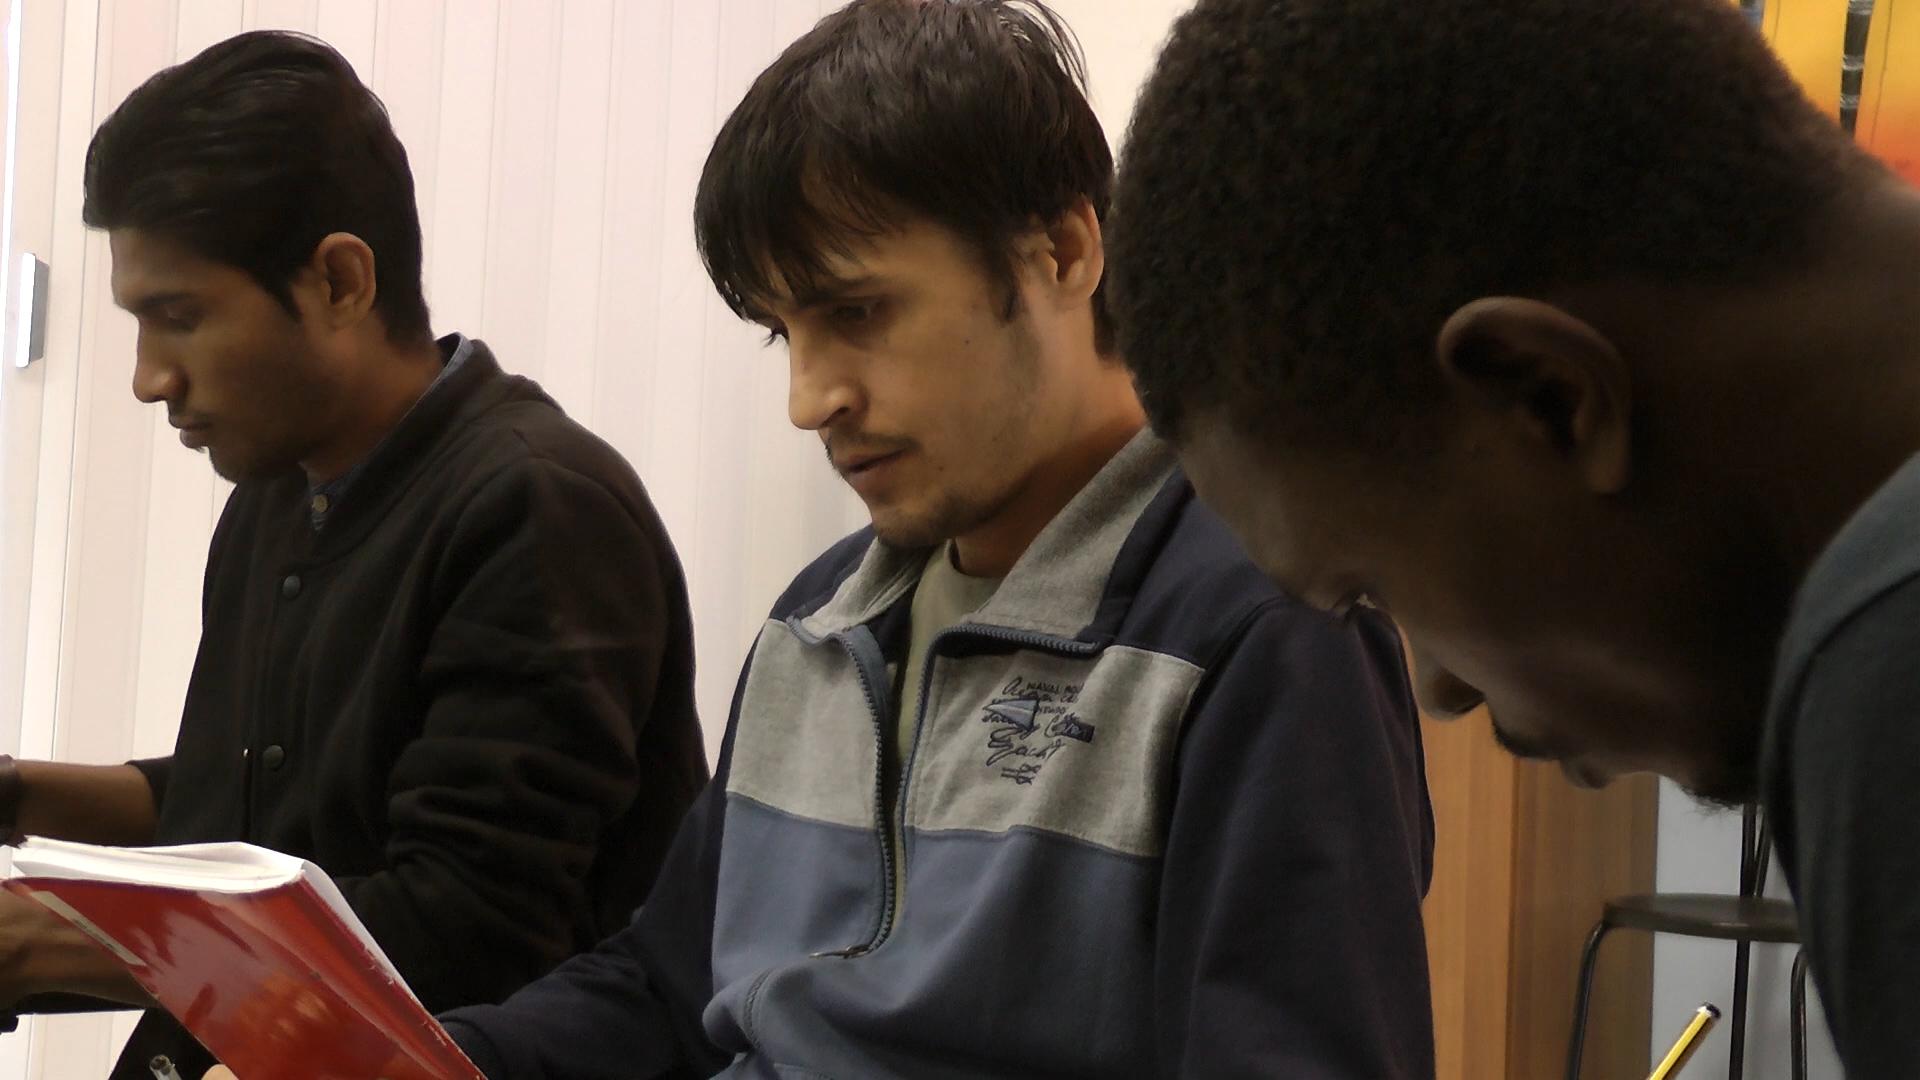 formazione giuria richiedenti asilo.mp4.00_01_26_04.Immagine001